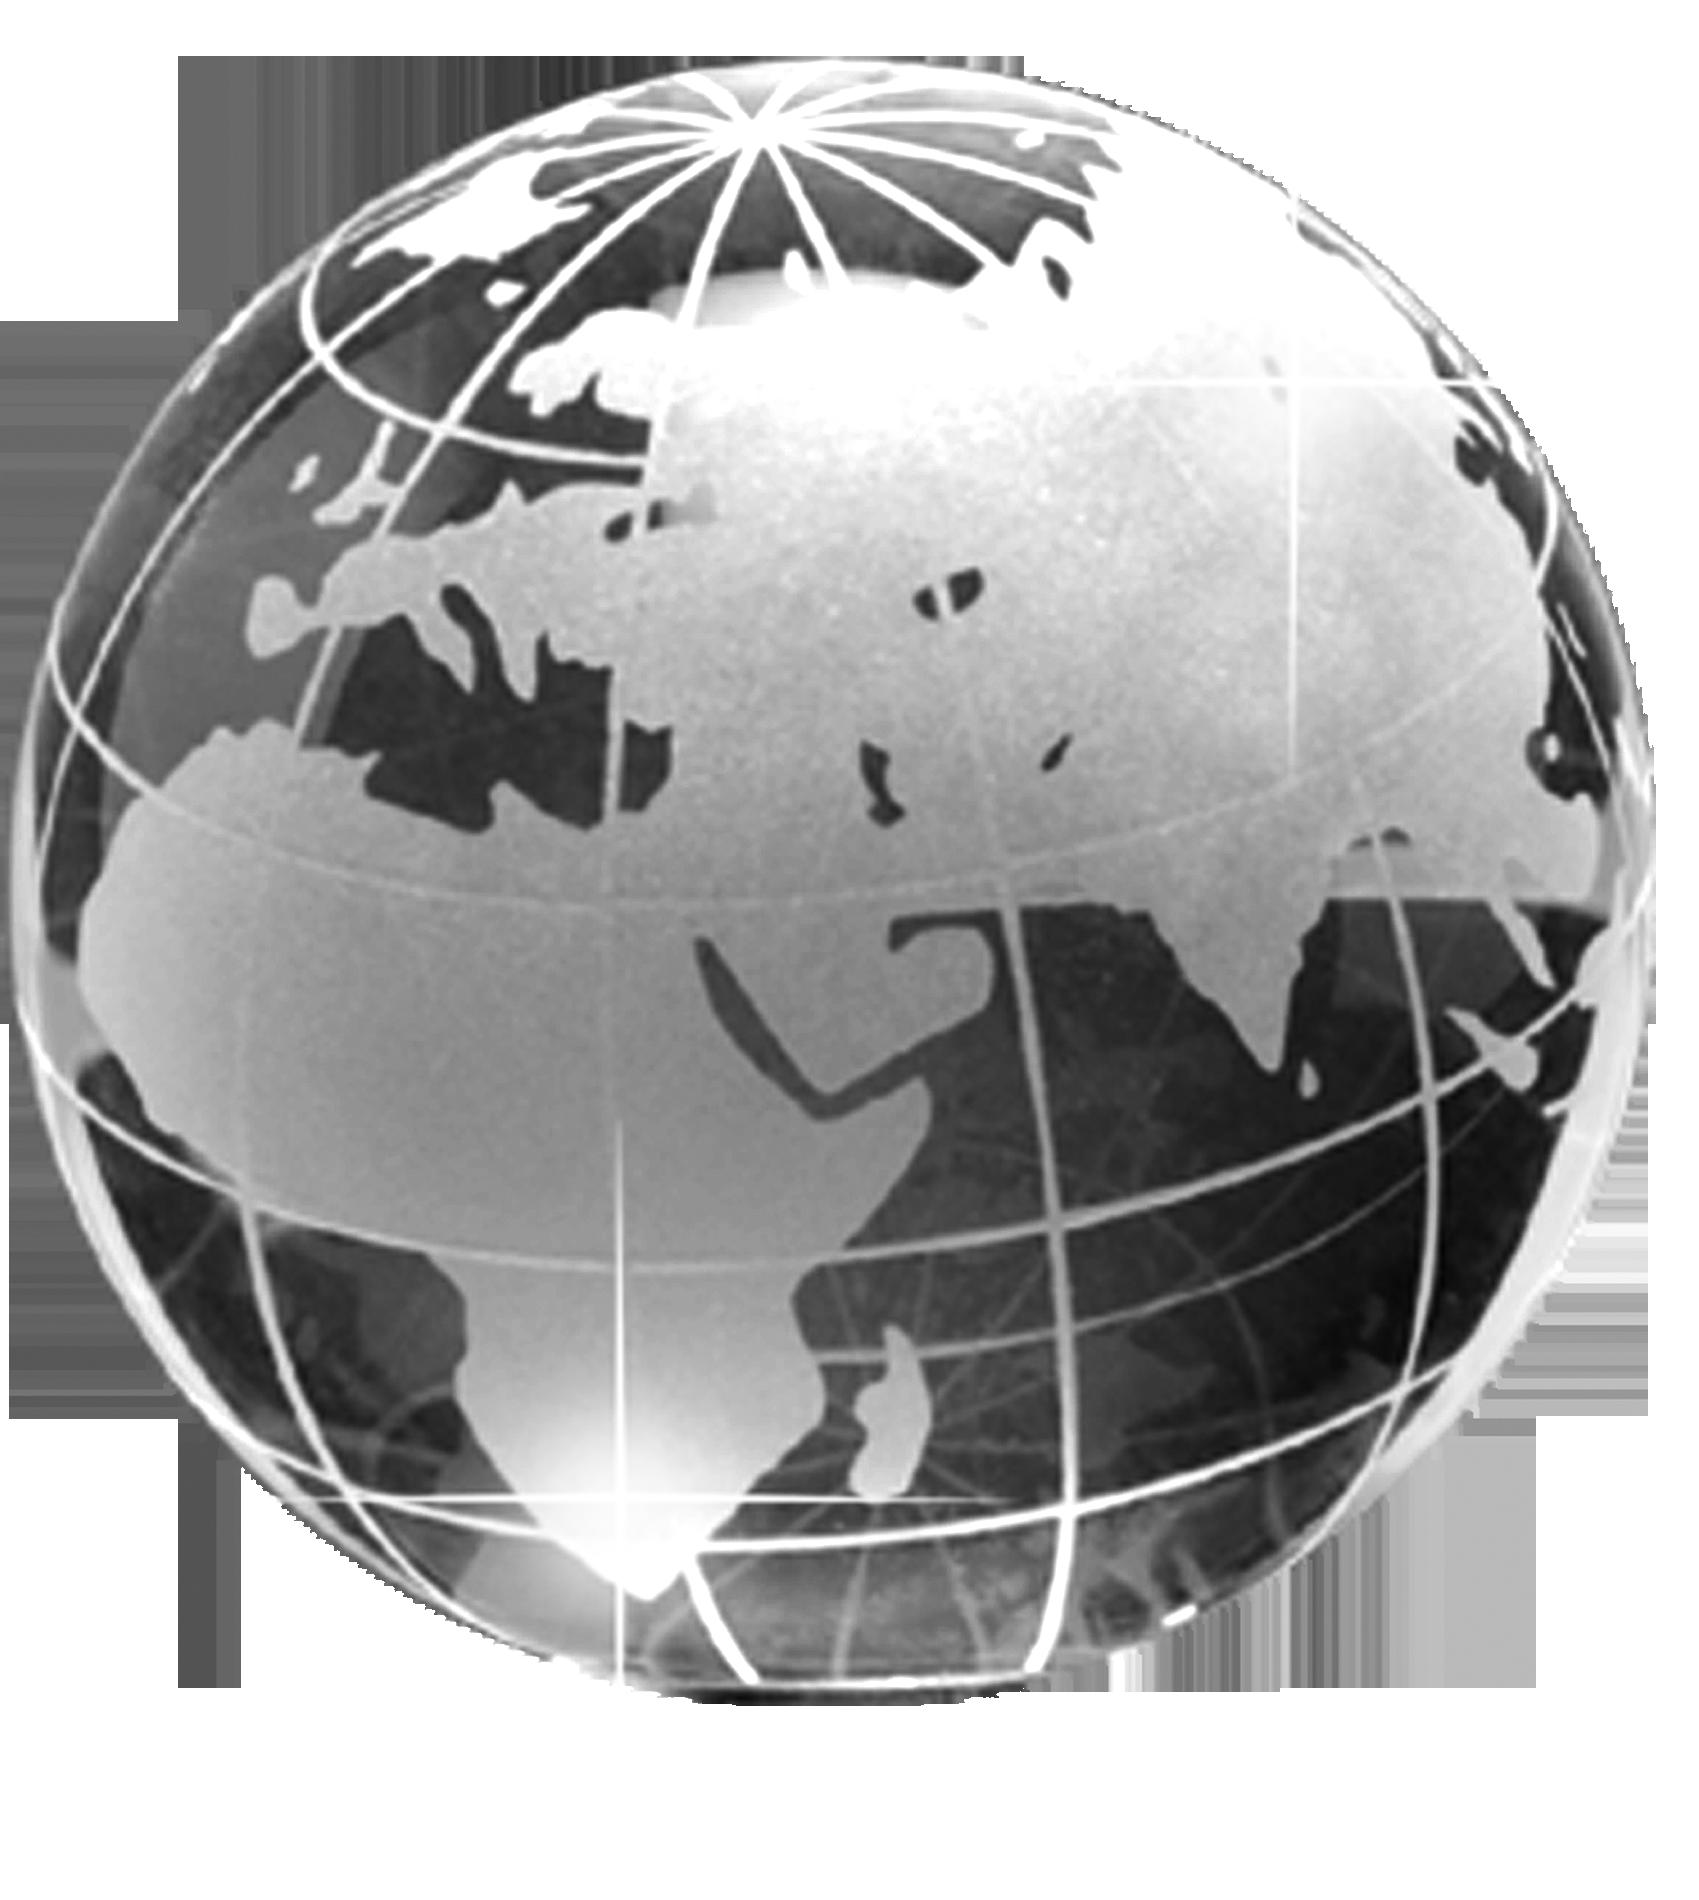 Ansprechend Weltkugel 3d Das Beste Von Kristallglas Ball Größe 40 Mm | Kristallbälle